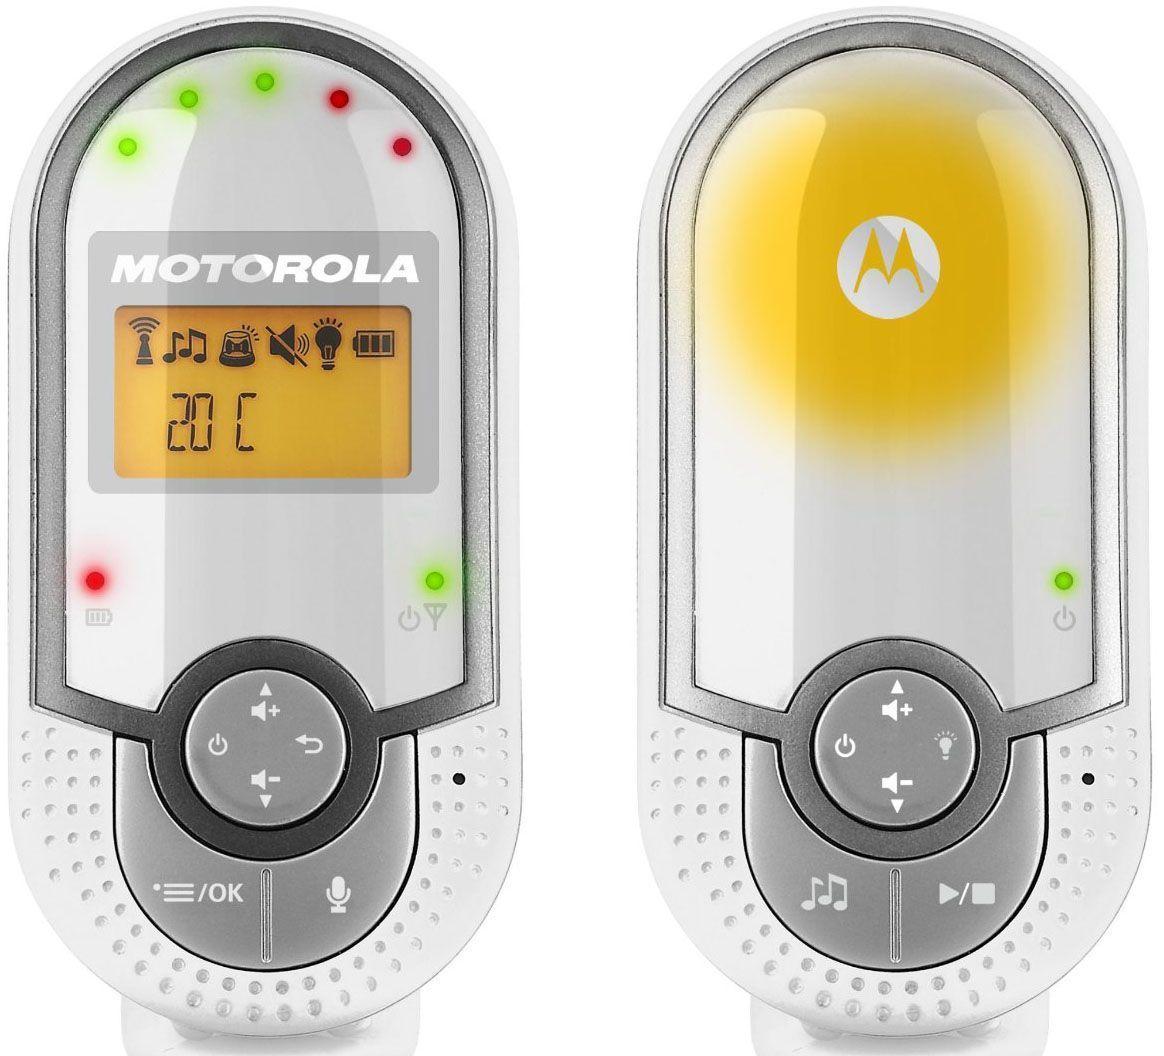 Vigilabebés Motorola: Comparativa, análisis y precios